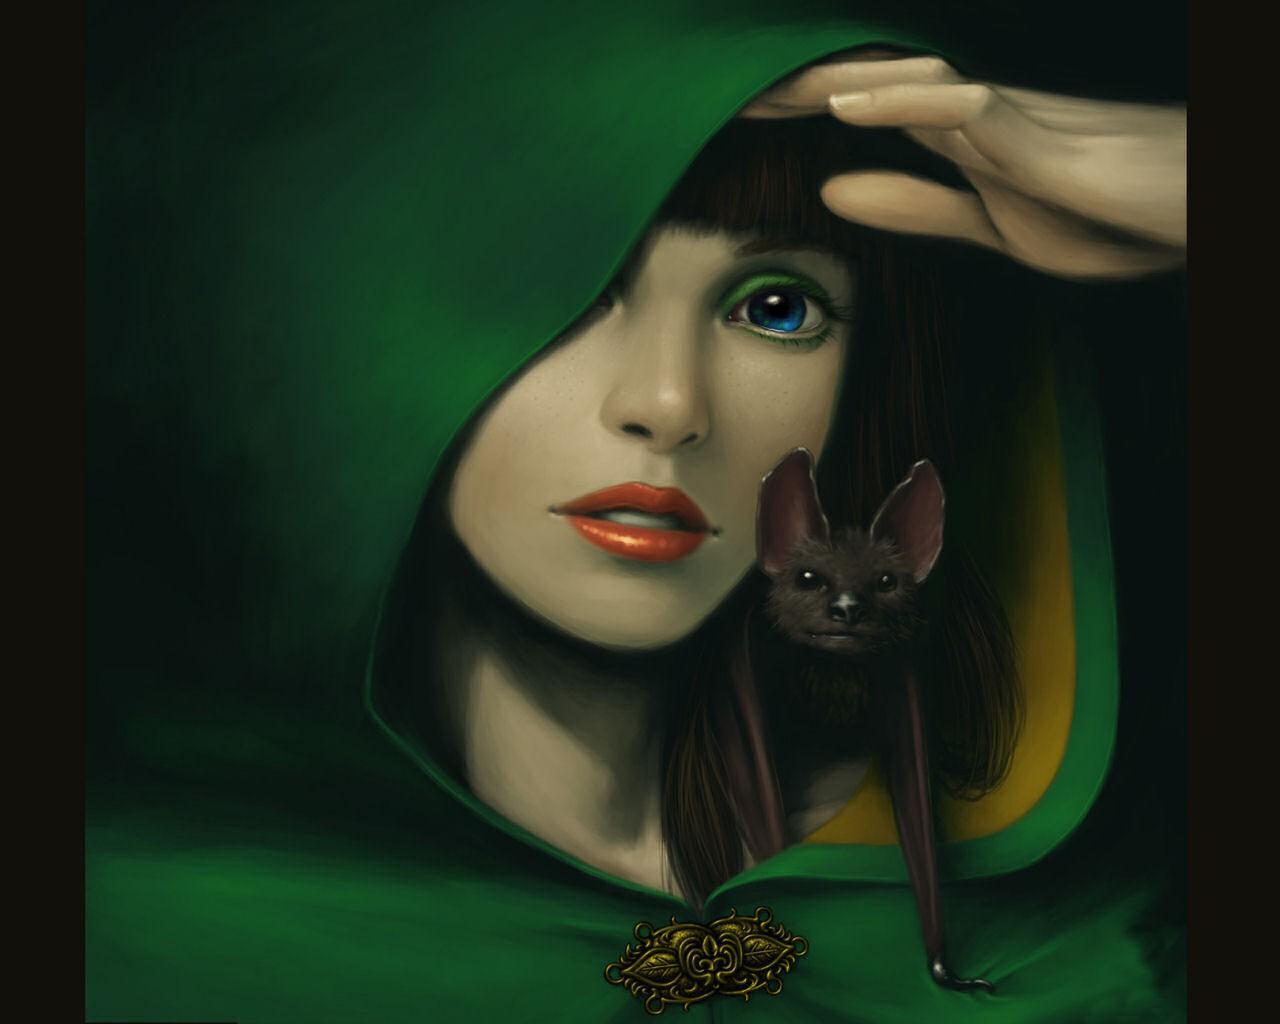 http://1.bp.blogspot.com/-sx45bek0OZ8/Ty5xSazE4eI/AAAAAAAACDM/1PsmOdGSHzk/s1600/Dark+Wallpaper+4.jpg